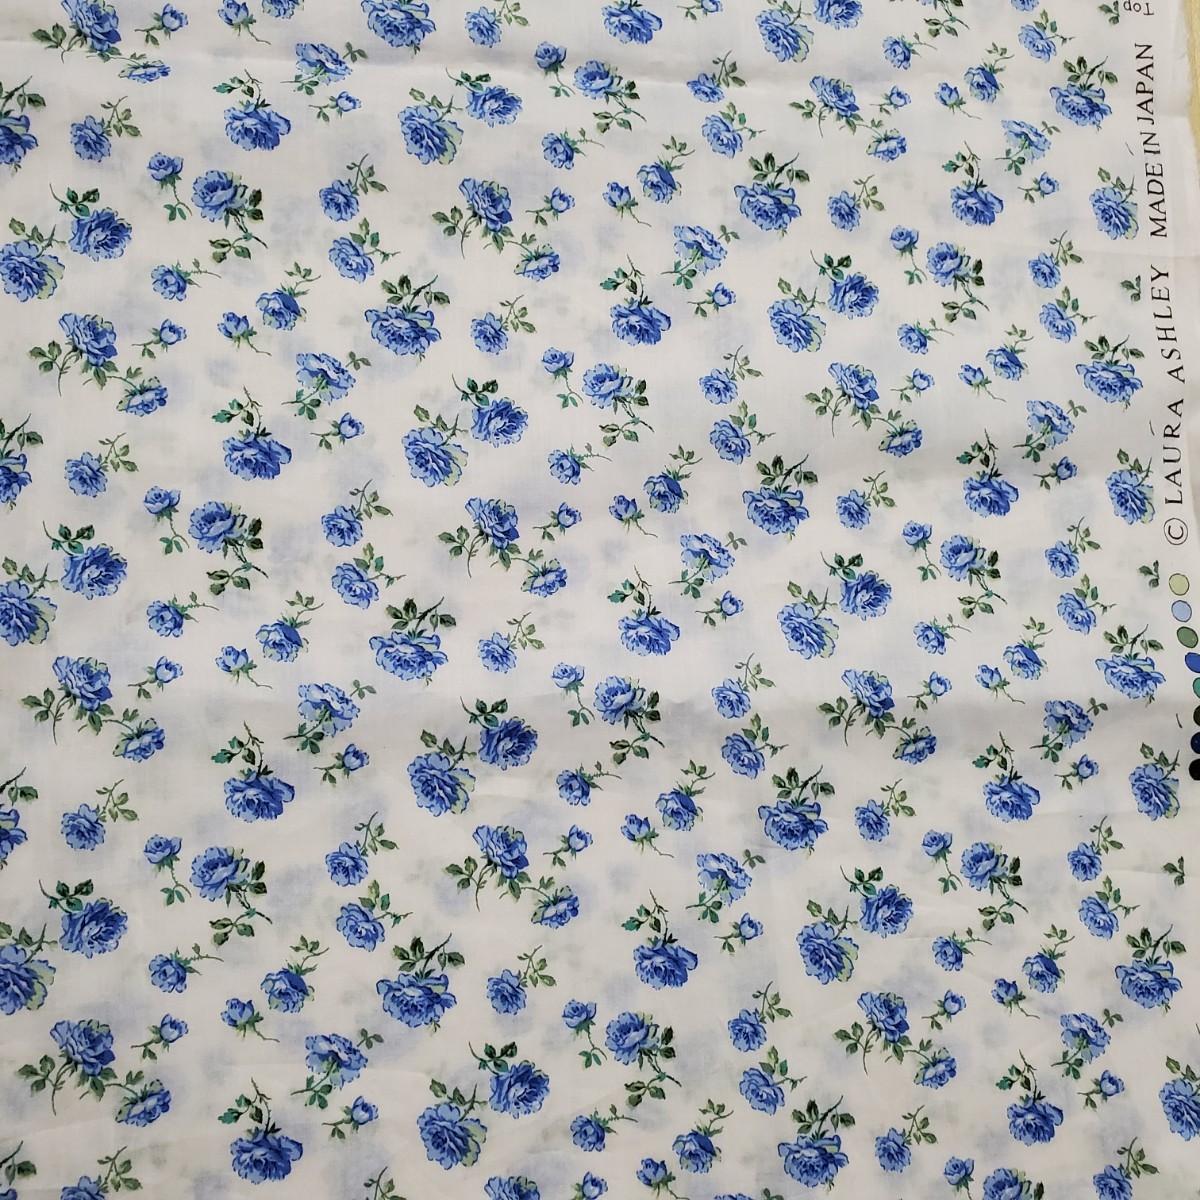 ローラアシュレイ 生地 バラ セイディ 青 ブルー カットクロス ハギレ はぎれ 花柄